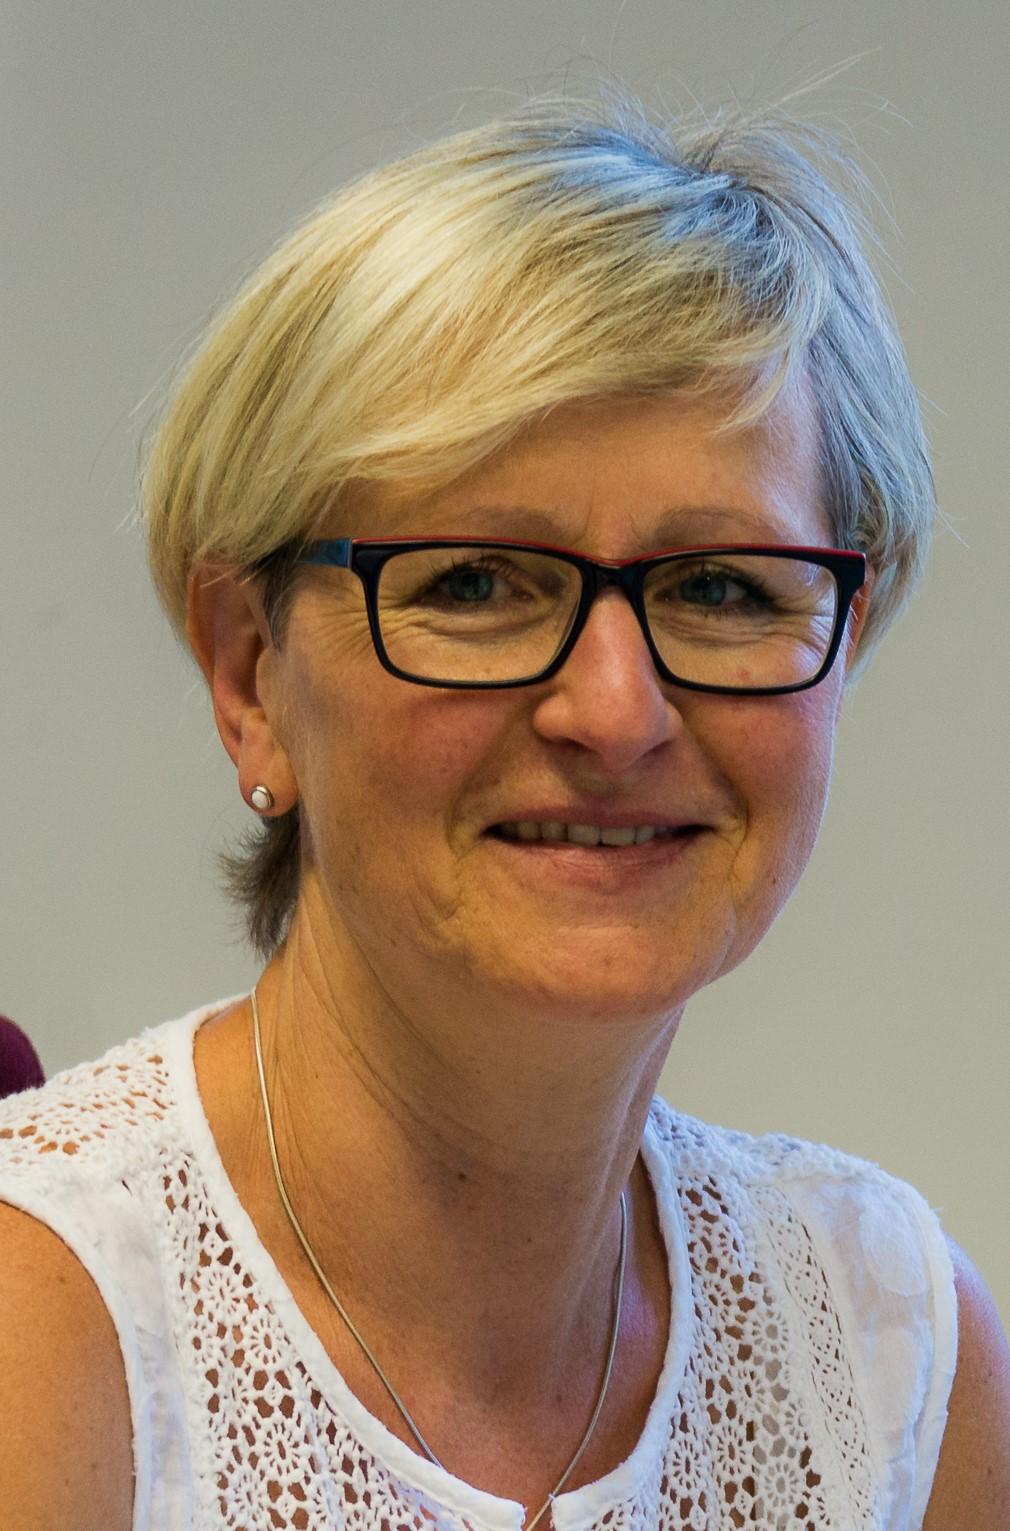 Simone Natzschka